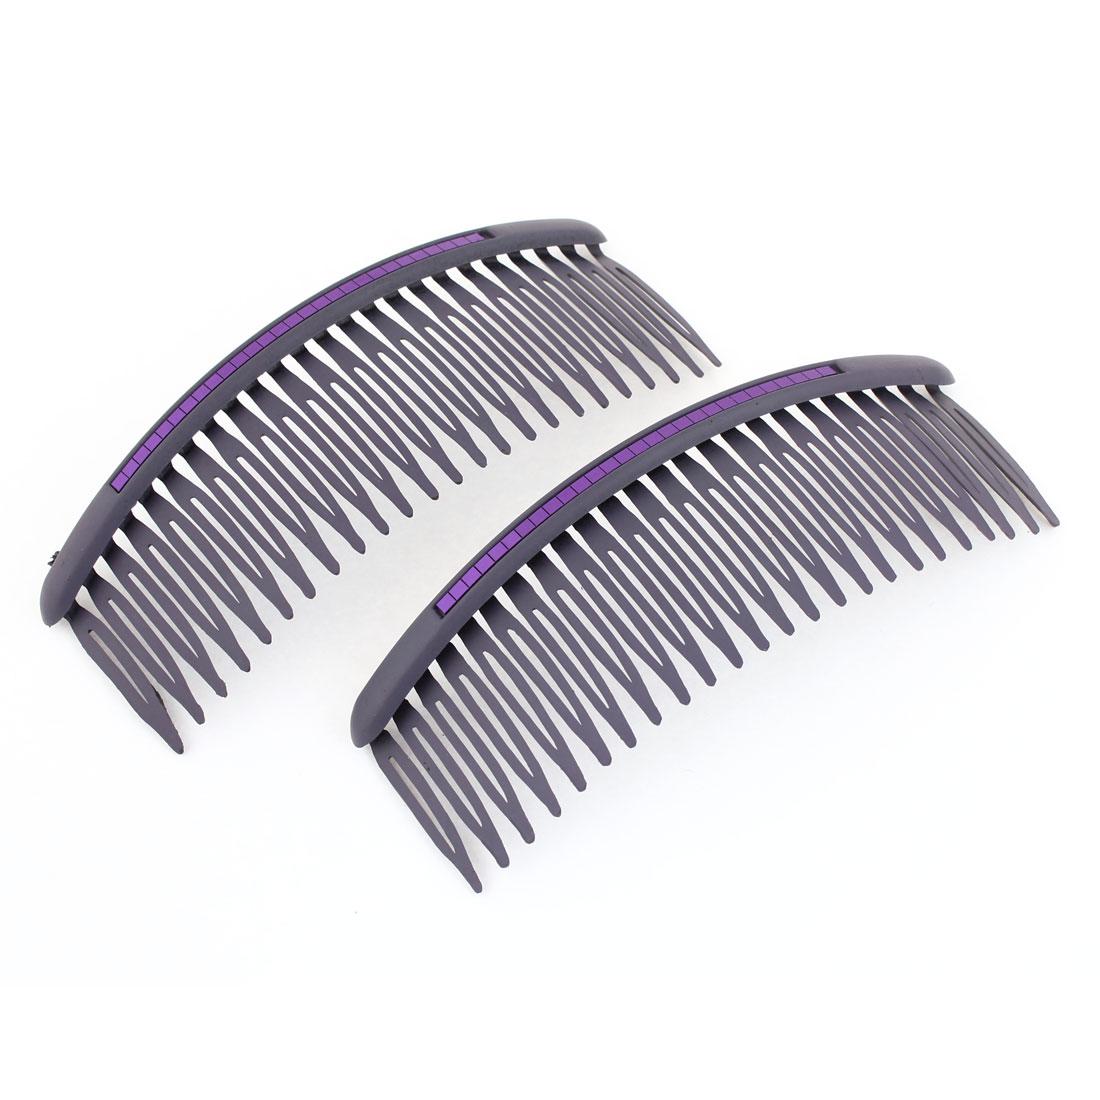 2 Pcs Purple Paillette Decor 24 Teeth Comb Hair Pin Clip for Women